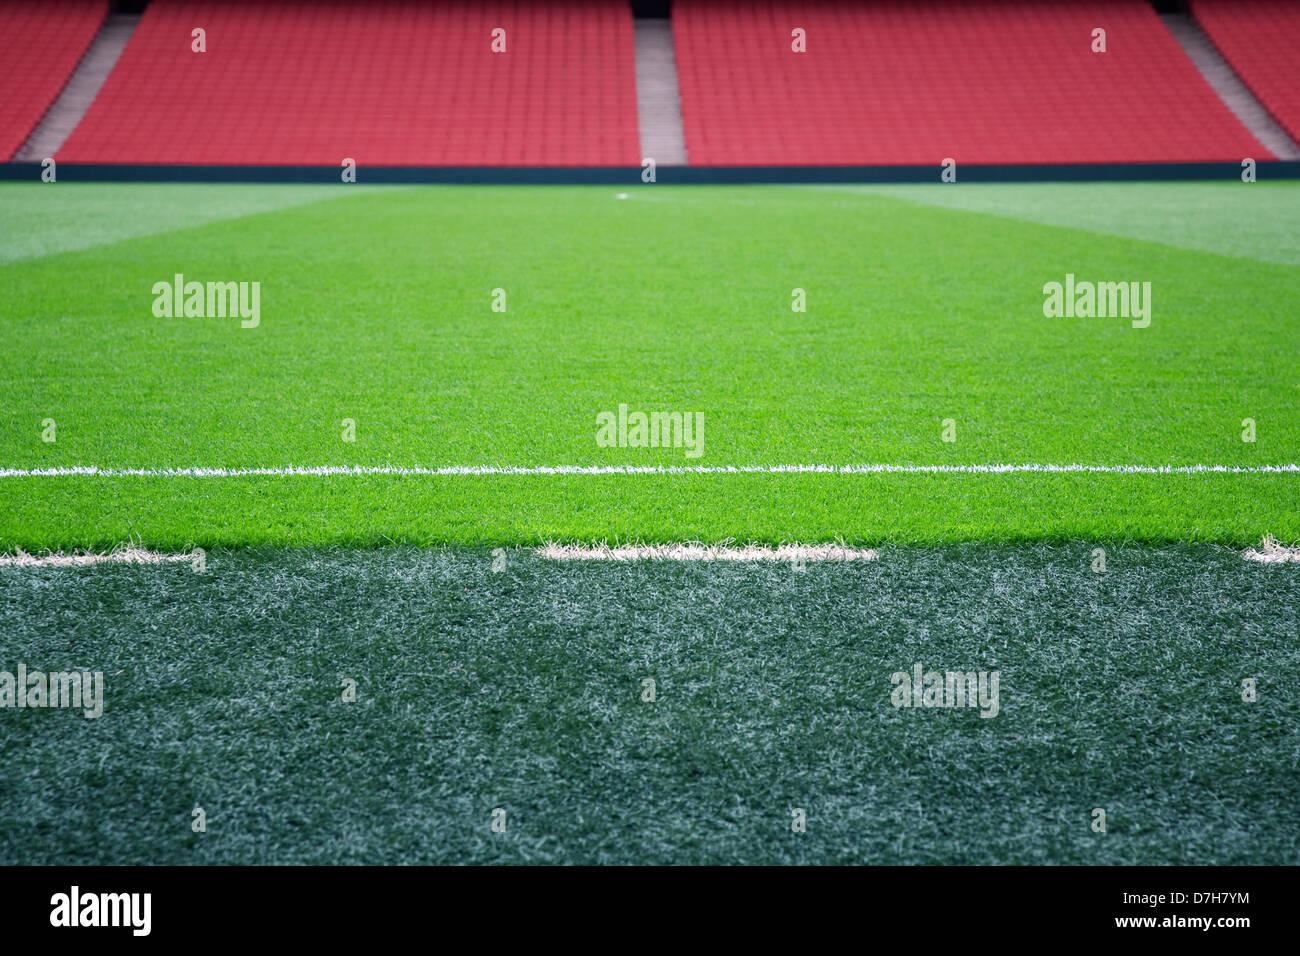 Terrain de football vide avec coin rouge, selective focus on touche. Banque D'Images